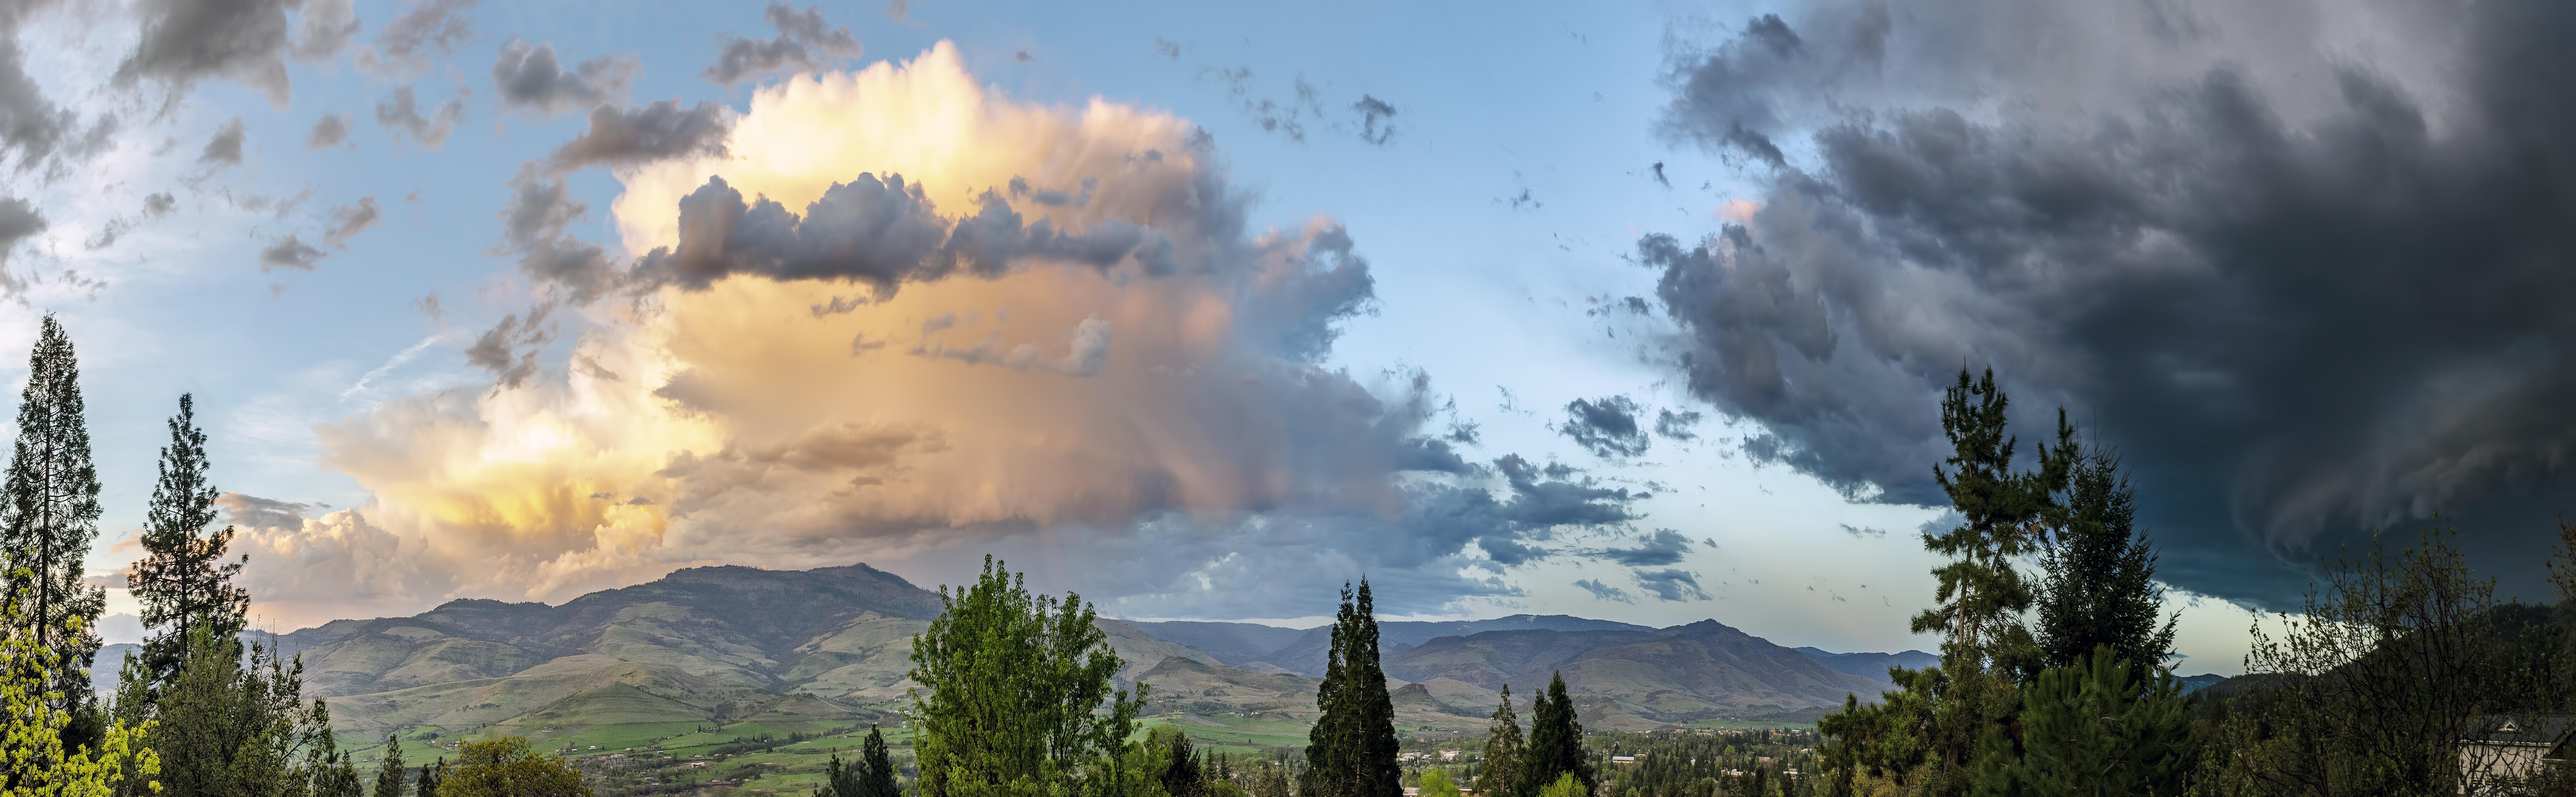 10-photo photomerge panorama ashland sky